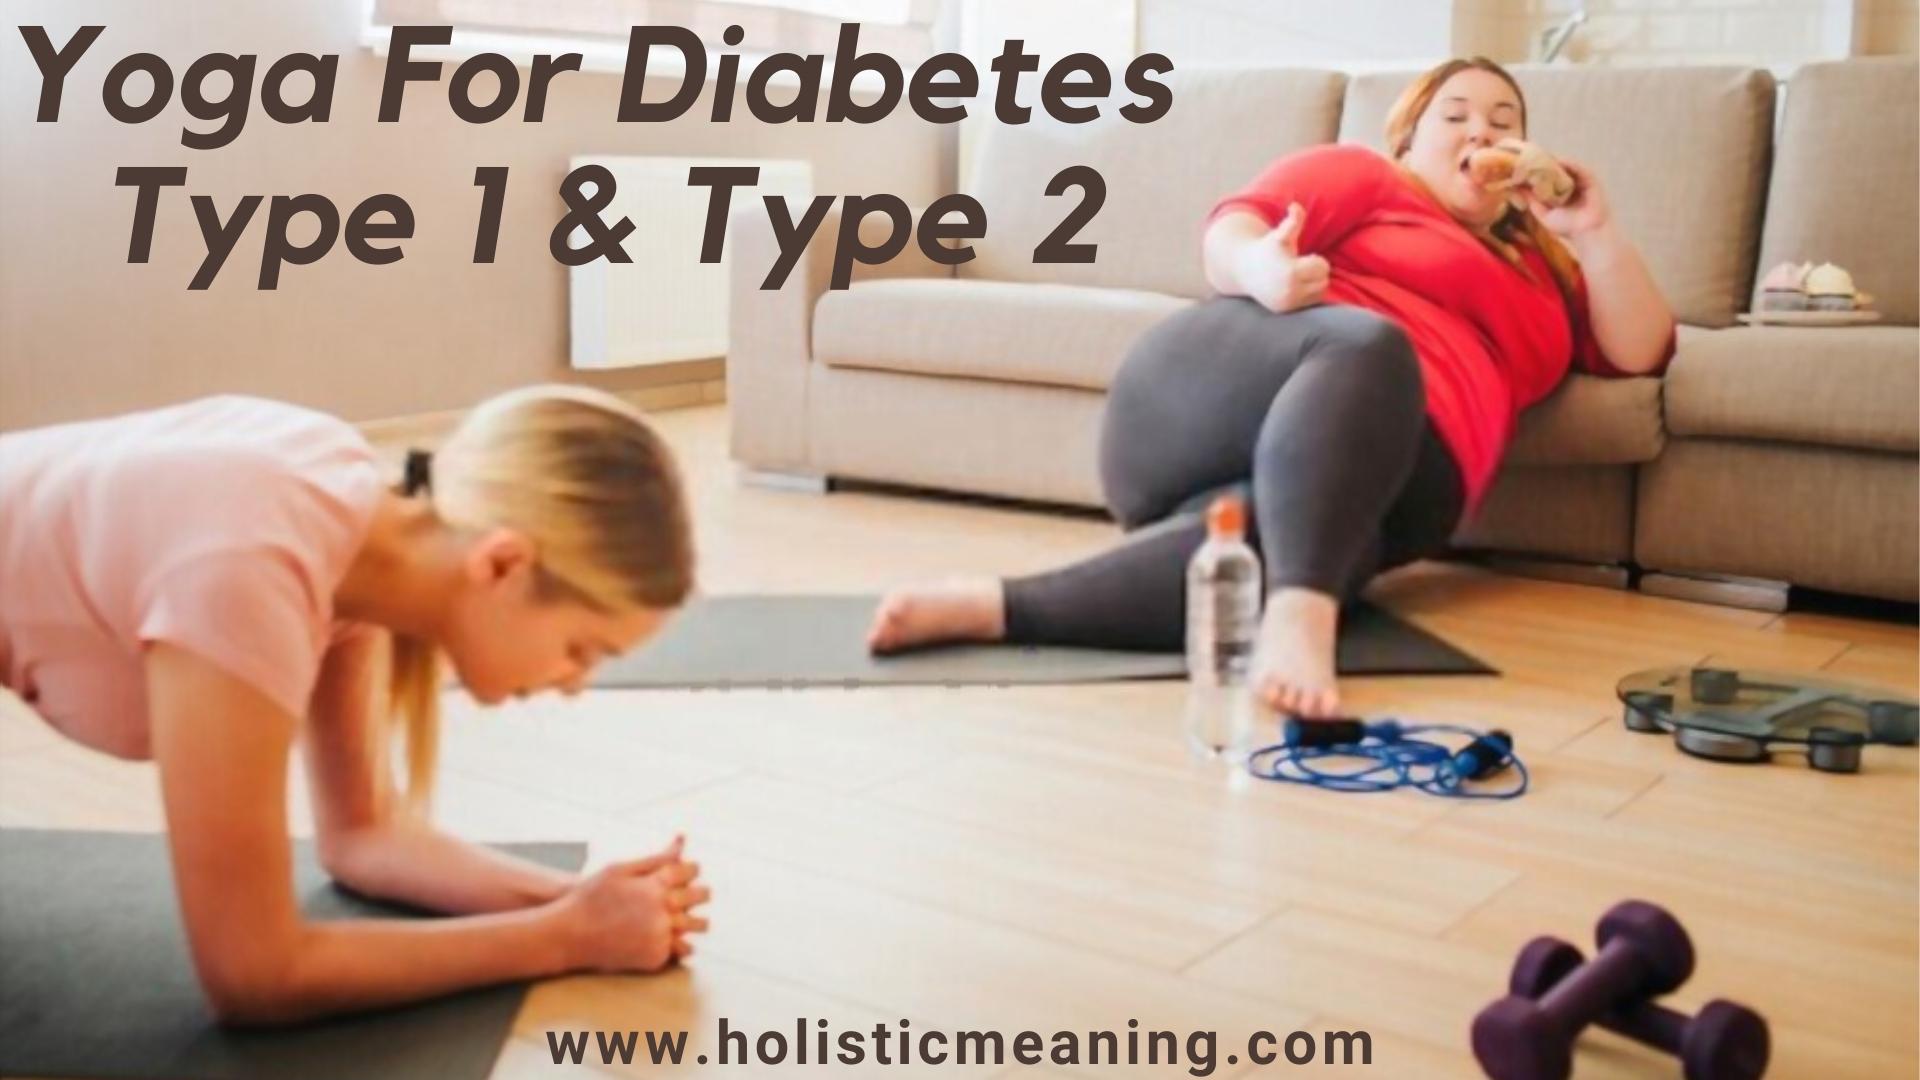 Yoga For Diabetes Type 1 & Type 2